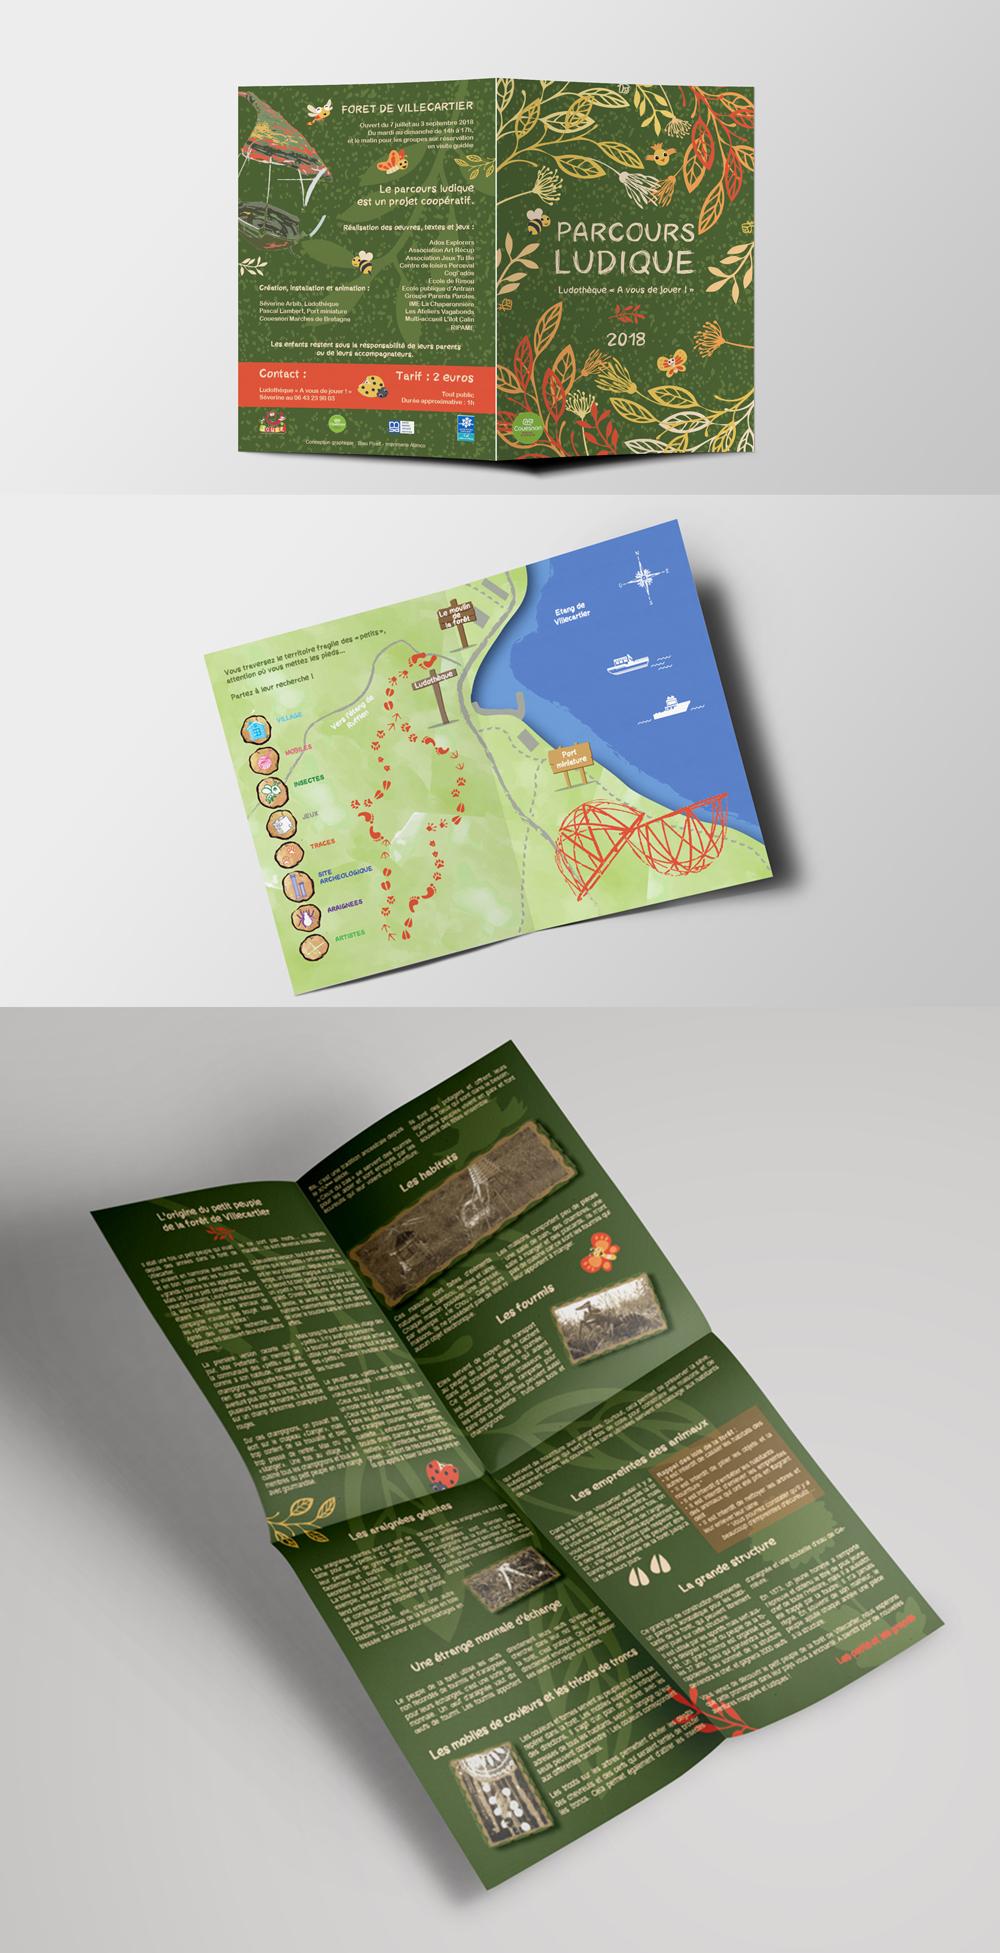 dépliant A3 ludique avec cartographie, dessin vectoriel et composition